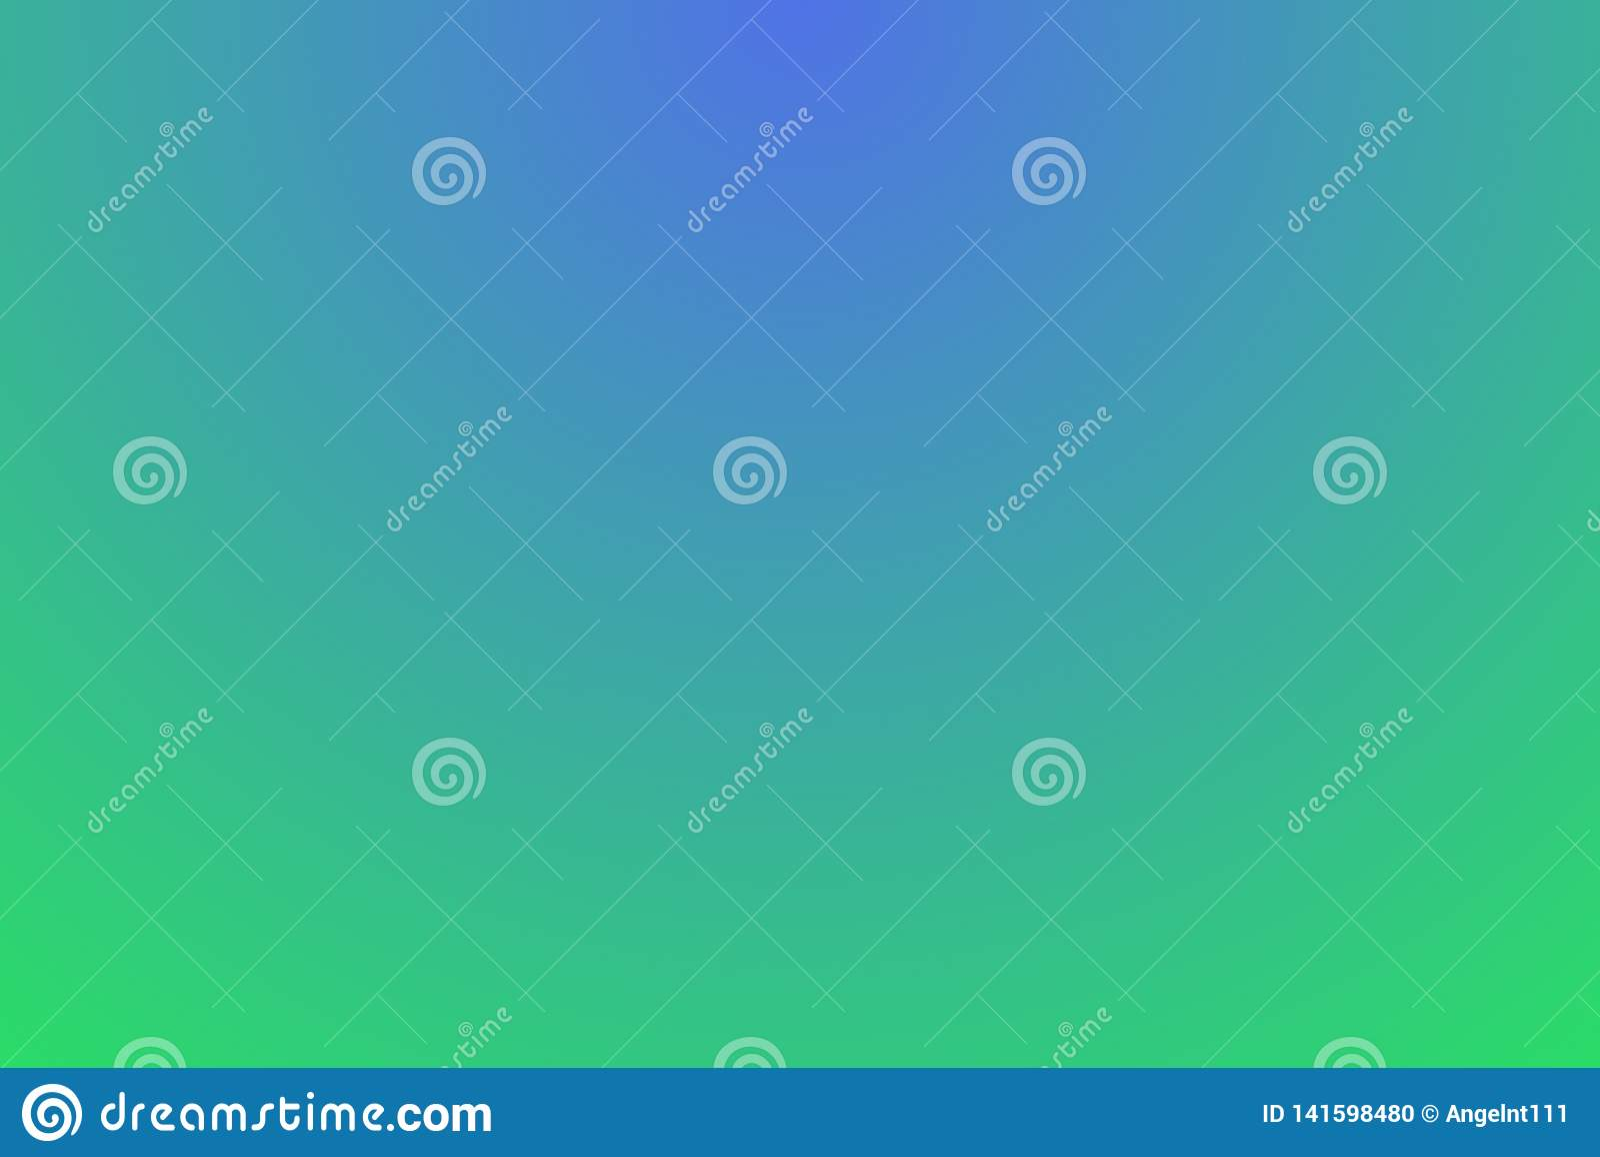 Farbsteigungshintergrund mit hellen Farben Entwurf Abstraktes unscharfes Steigungshintergrund Mehrfarbendefocus